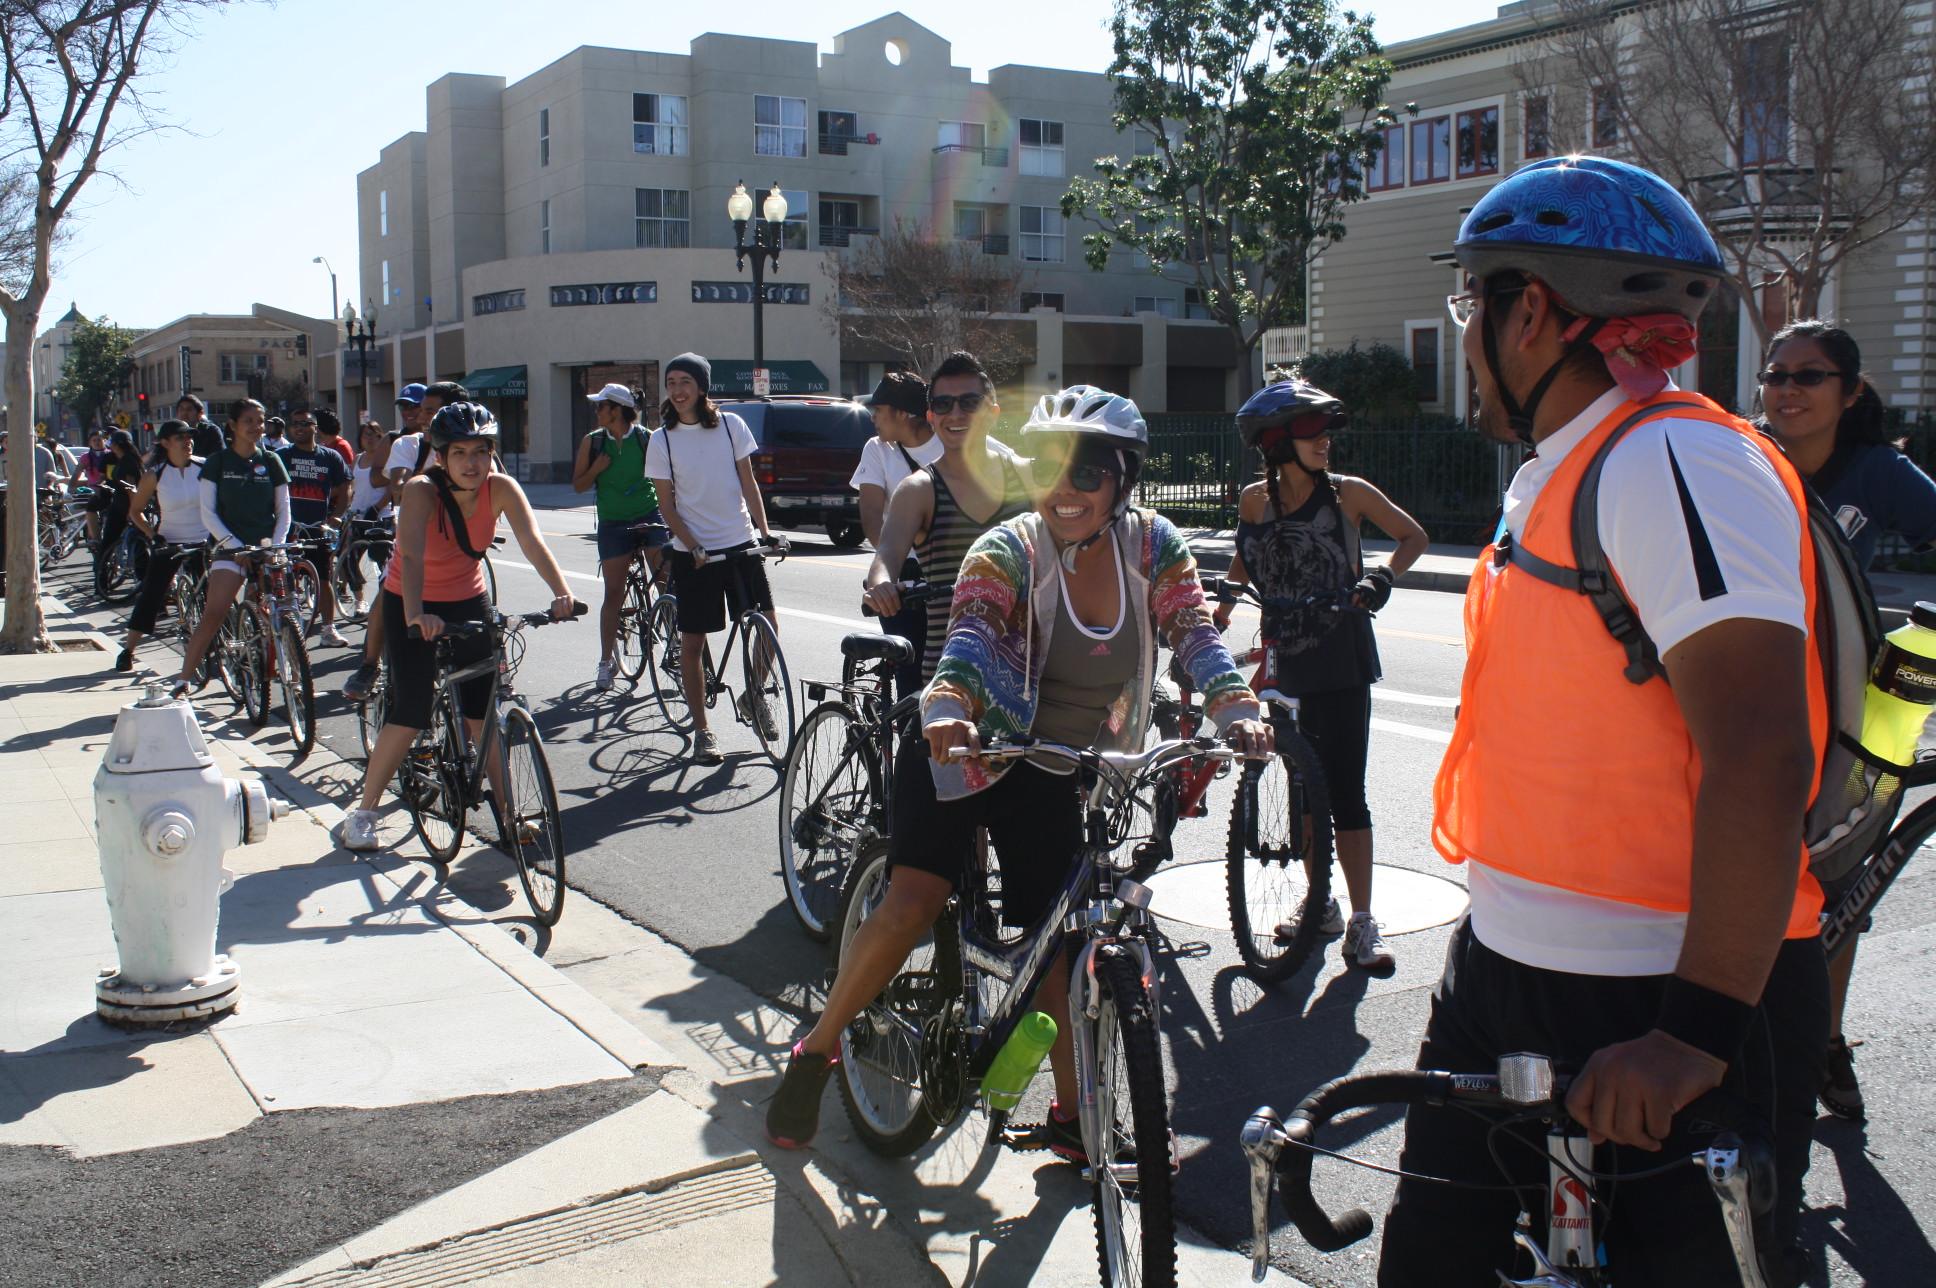 Uriel Rivera fue uno de los voluntarios que encabezó la caravana de bicicletas ayer domingo desde Santa Ana a Los Ángeles. (Foto Agustín Durán/ El Pasajero)